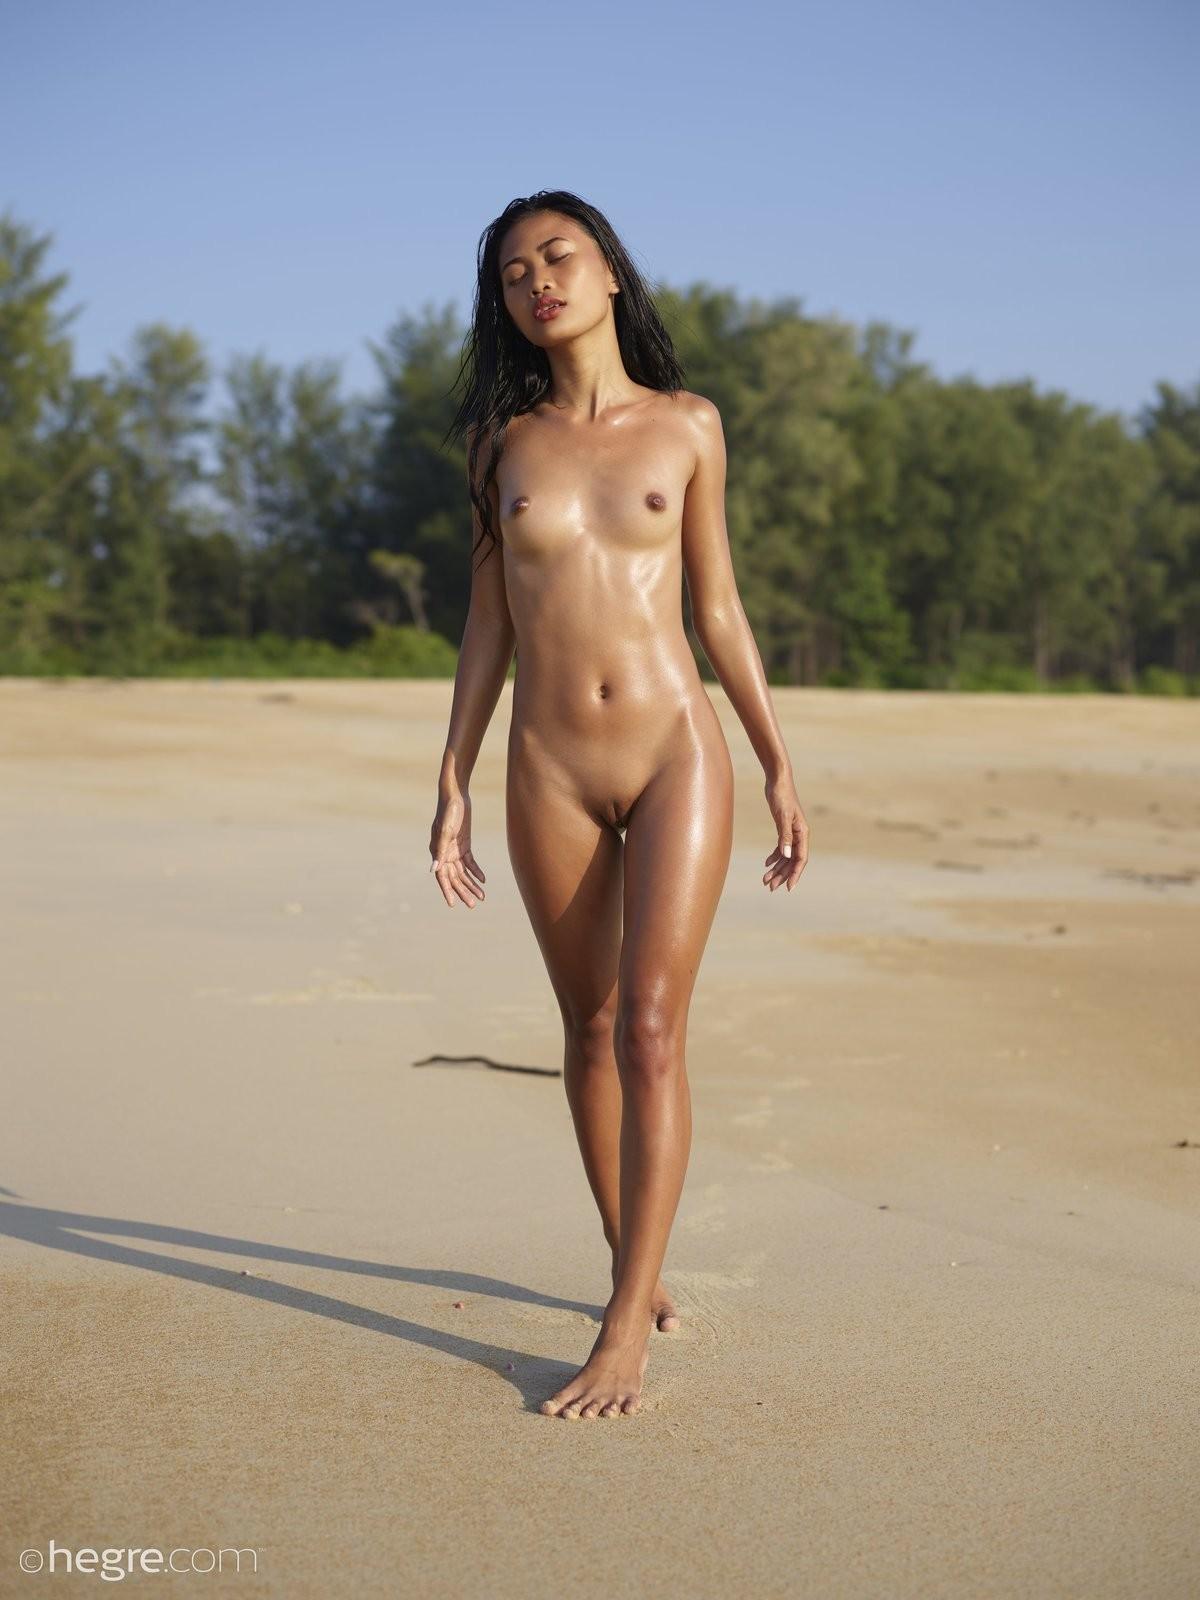 Азиатка с плоскими сиськами на пляже - фото